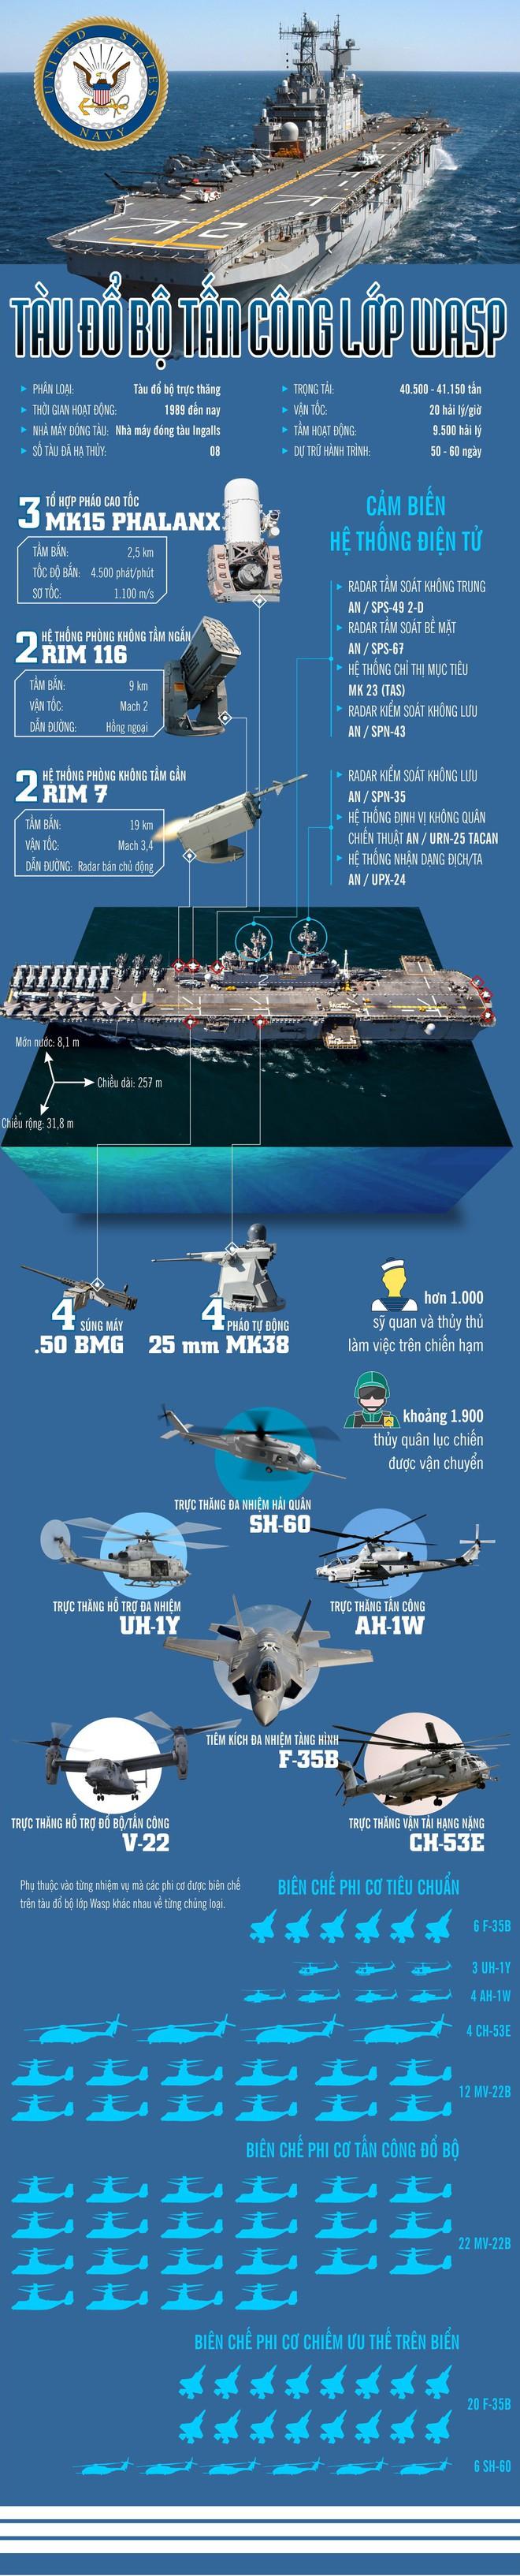 Tàu đổ bộ tấn công lớp Wasp mạnh như thế nào? - Ảnh 1.